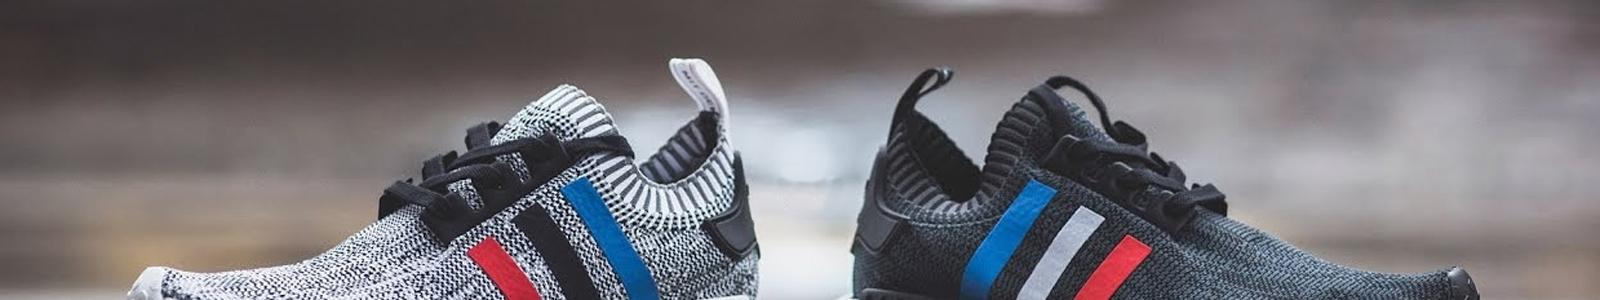 62fc9e722300b Najlepšou voľbou na beh sú nové tenisky adidas NMD R1 - Blog ...